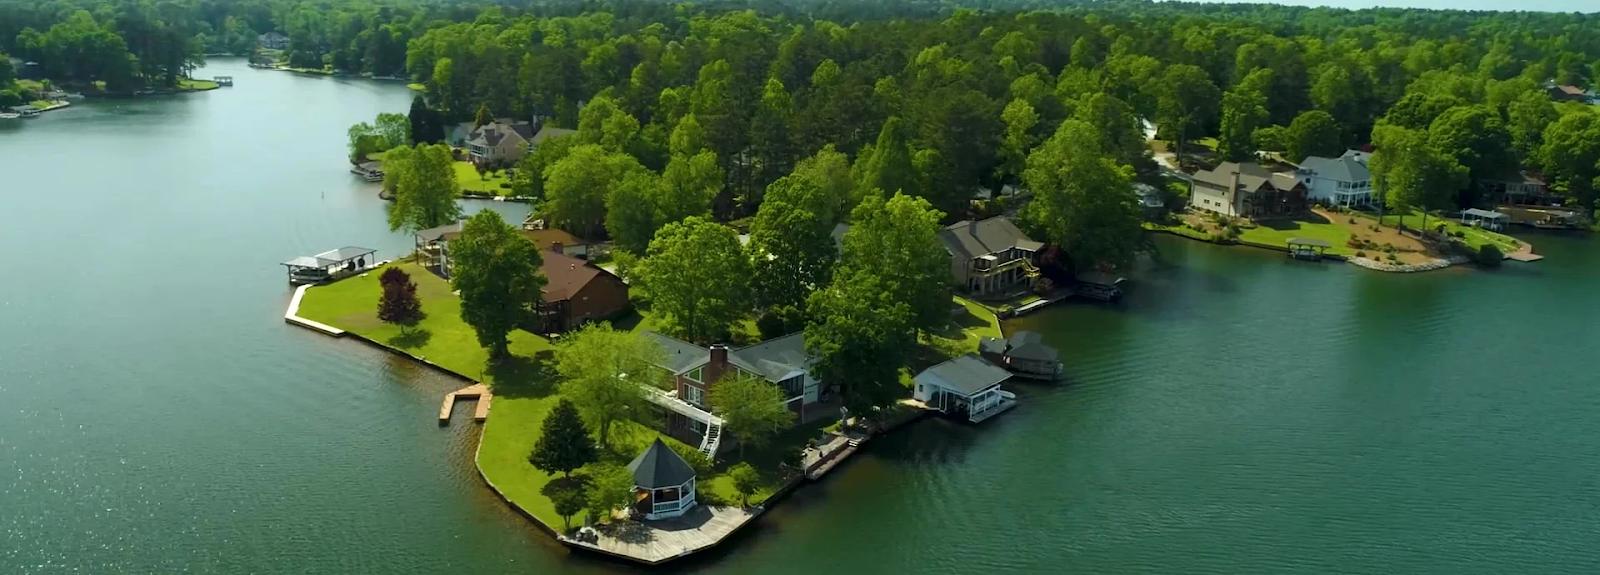 Fairfield Plantation Resort